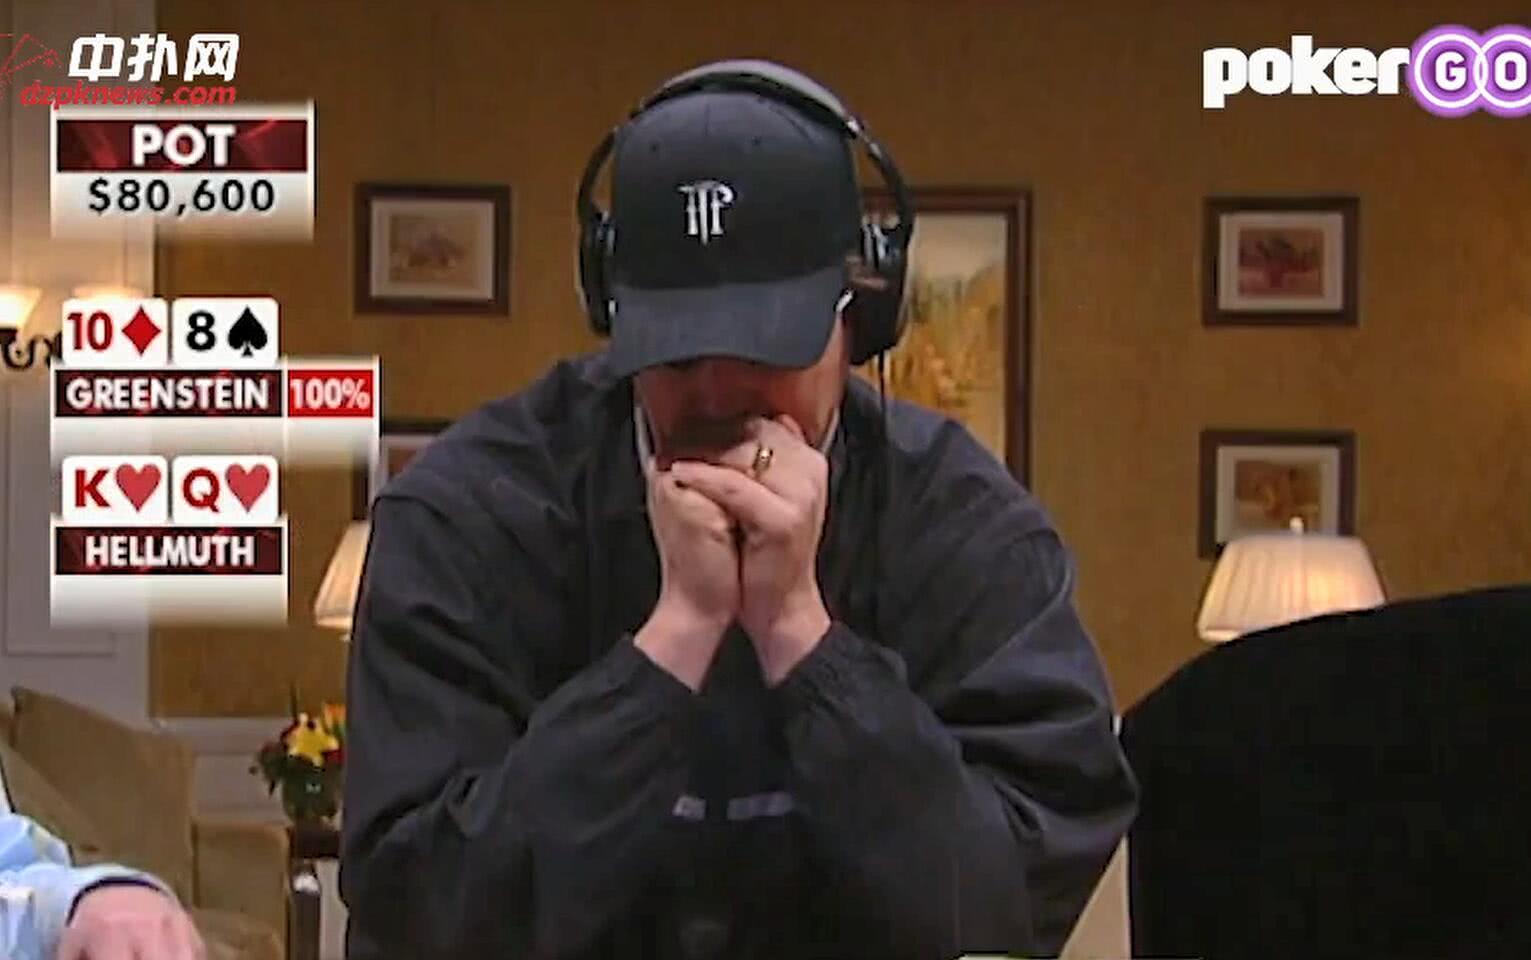 【辣眼视频】Hellmuth以为对手在操作,居然用对Q跟了四条8,我滴妈!